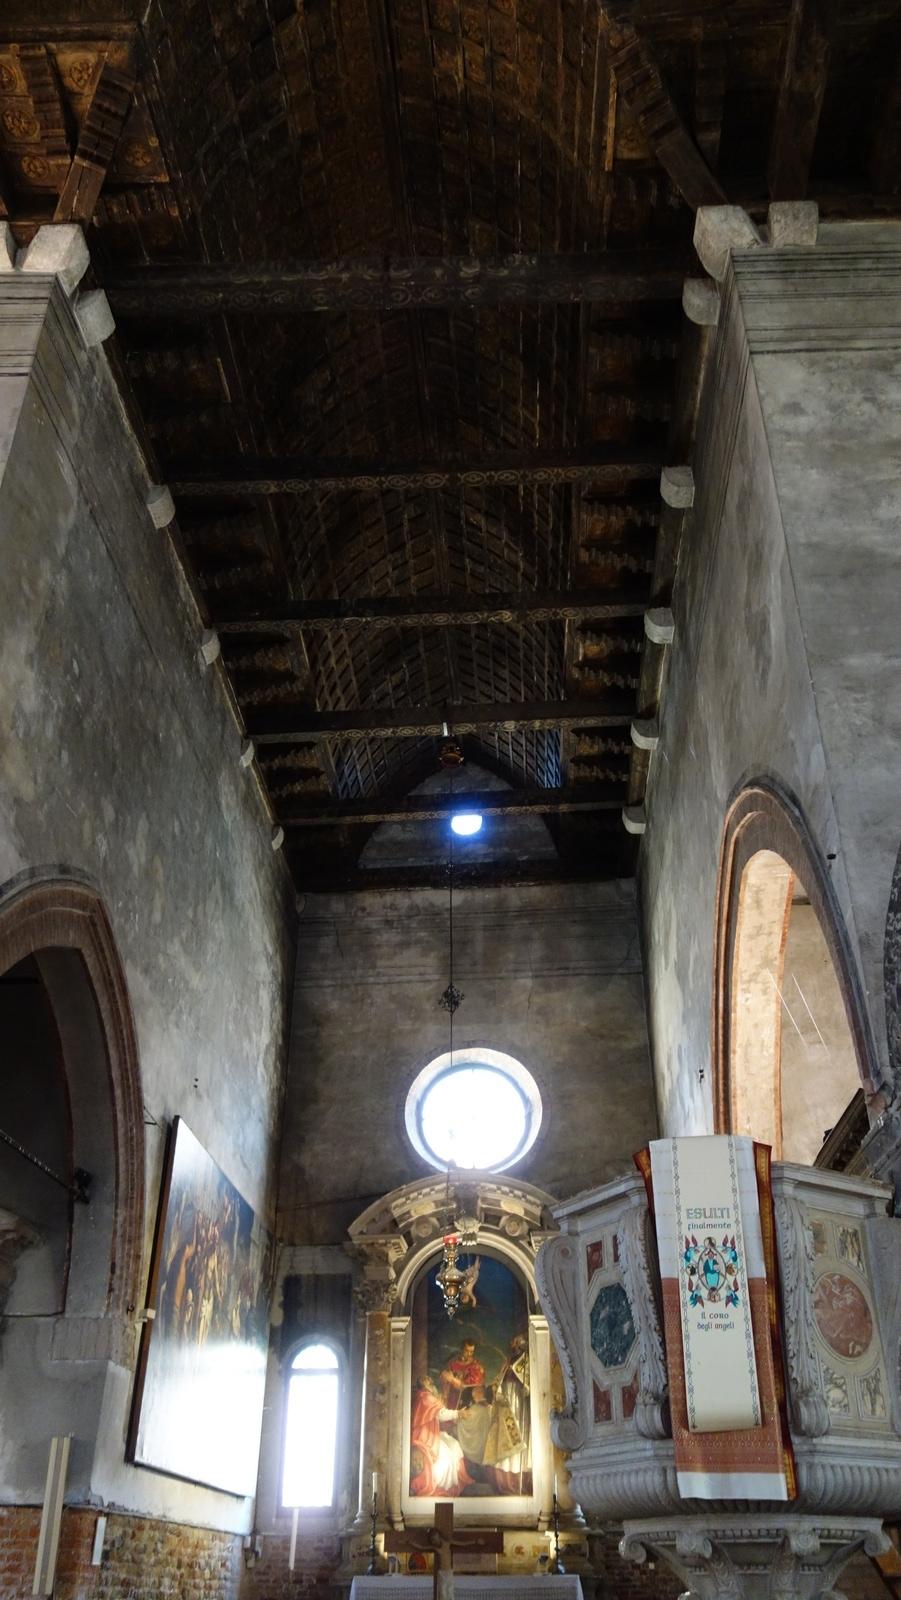 025 - San Giacomo dell'Orio